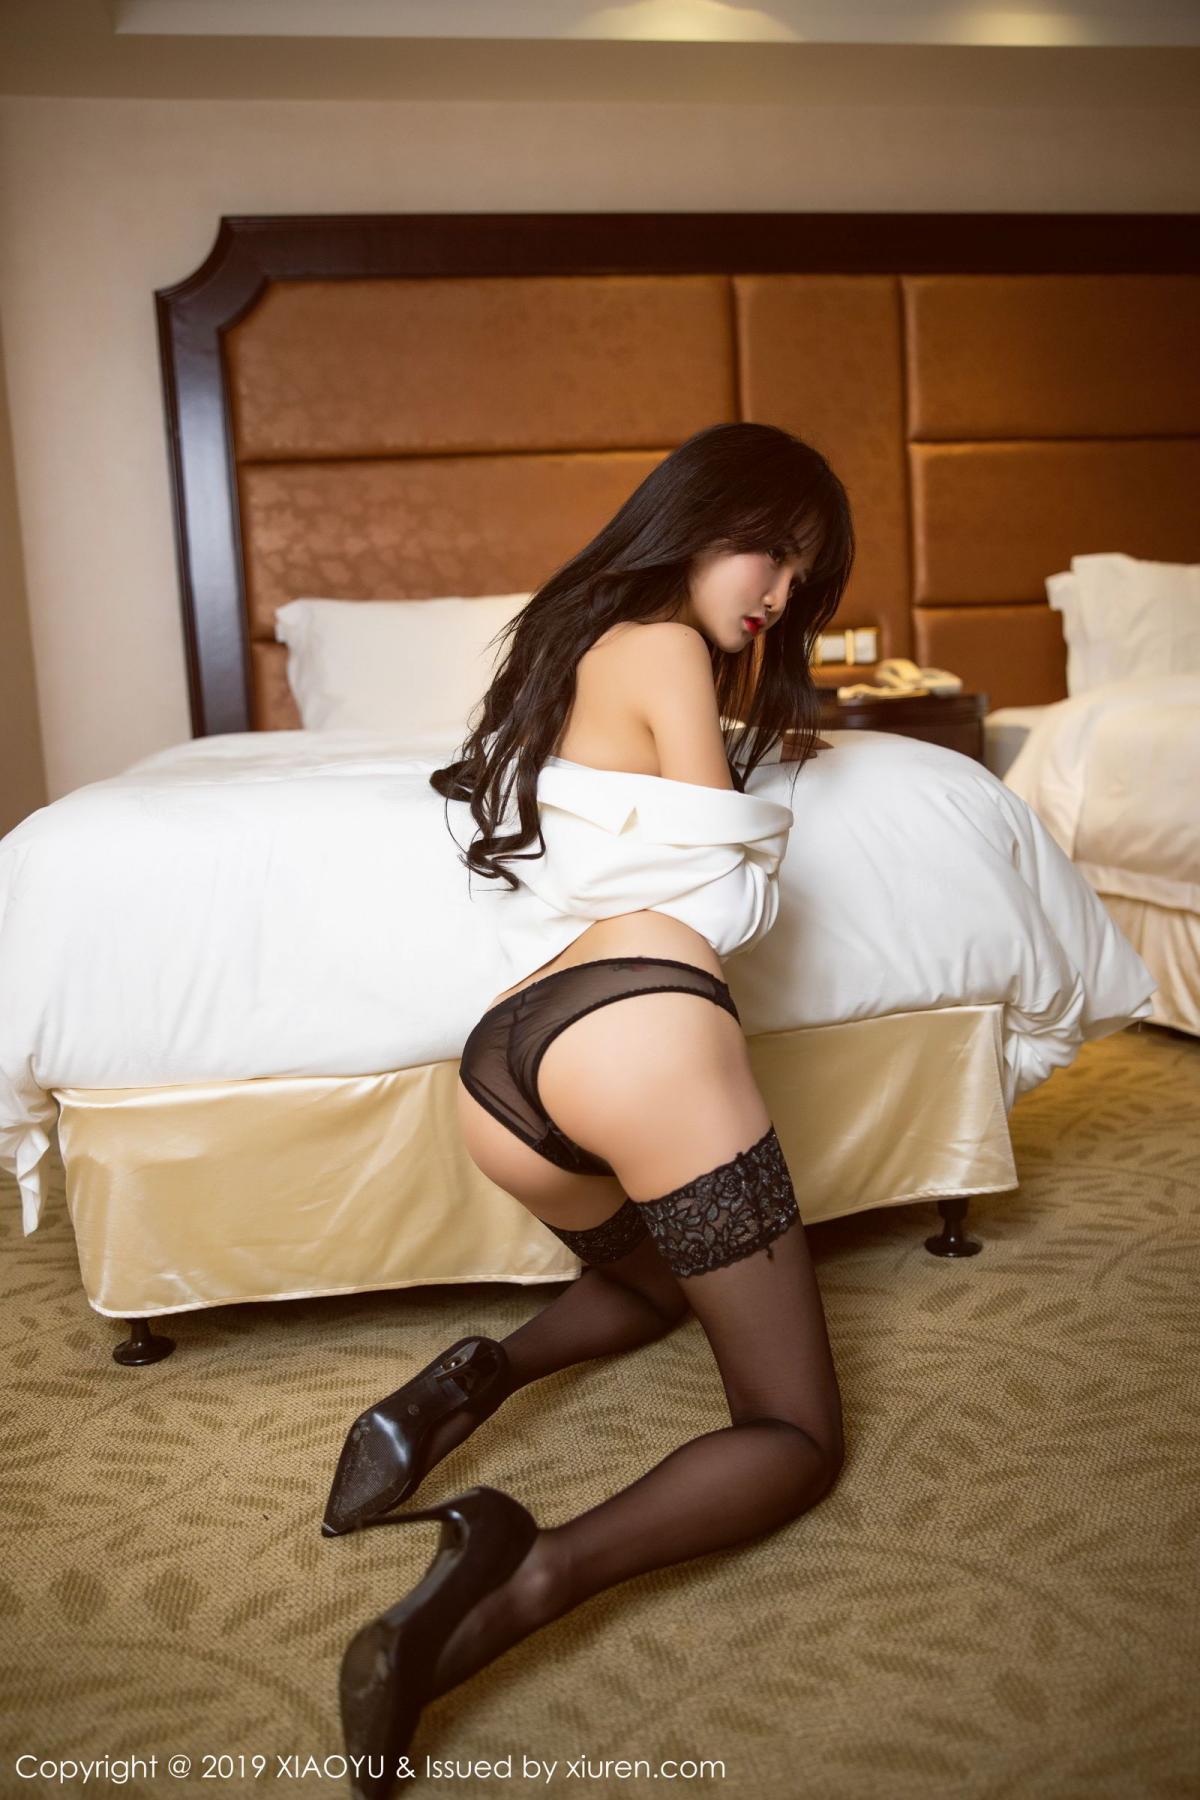 [XiaoYu] Vol.200 Miko Jiang 22P, Miko Jiang, Slim, Tall, Underwear, XiaoYu